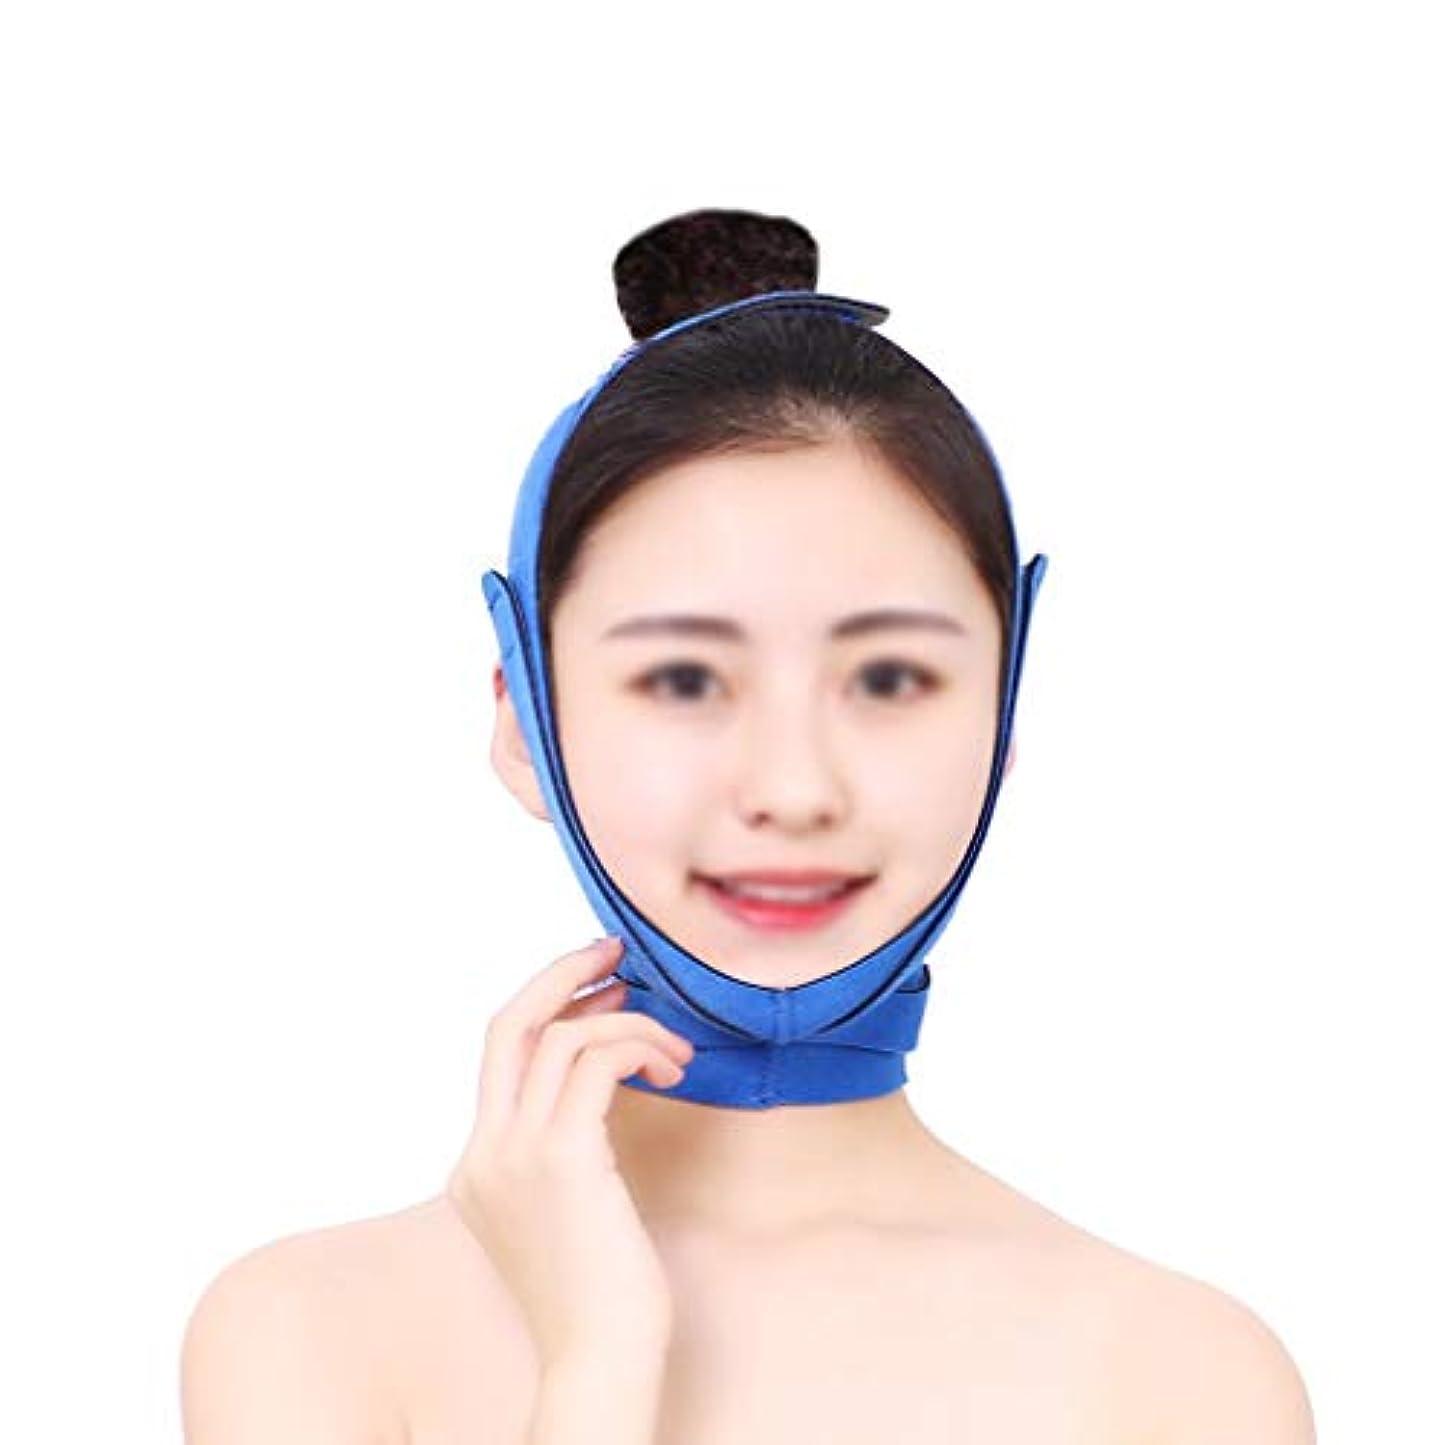 既婚三角形グラディスフェイシャルダブルチンケア減量フェイスベルト、フェイスリフティングマスク、リフティングプラスチックビューティーフェイス、スリープマスク、ブルー、シェーピングフェイス、女性に適しています